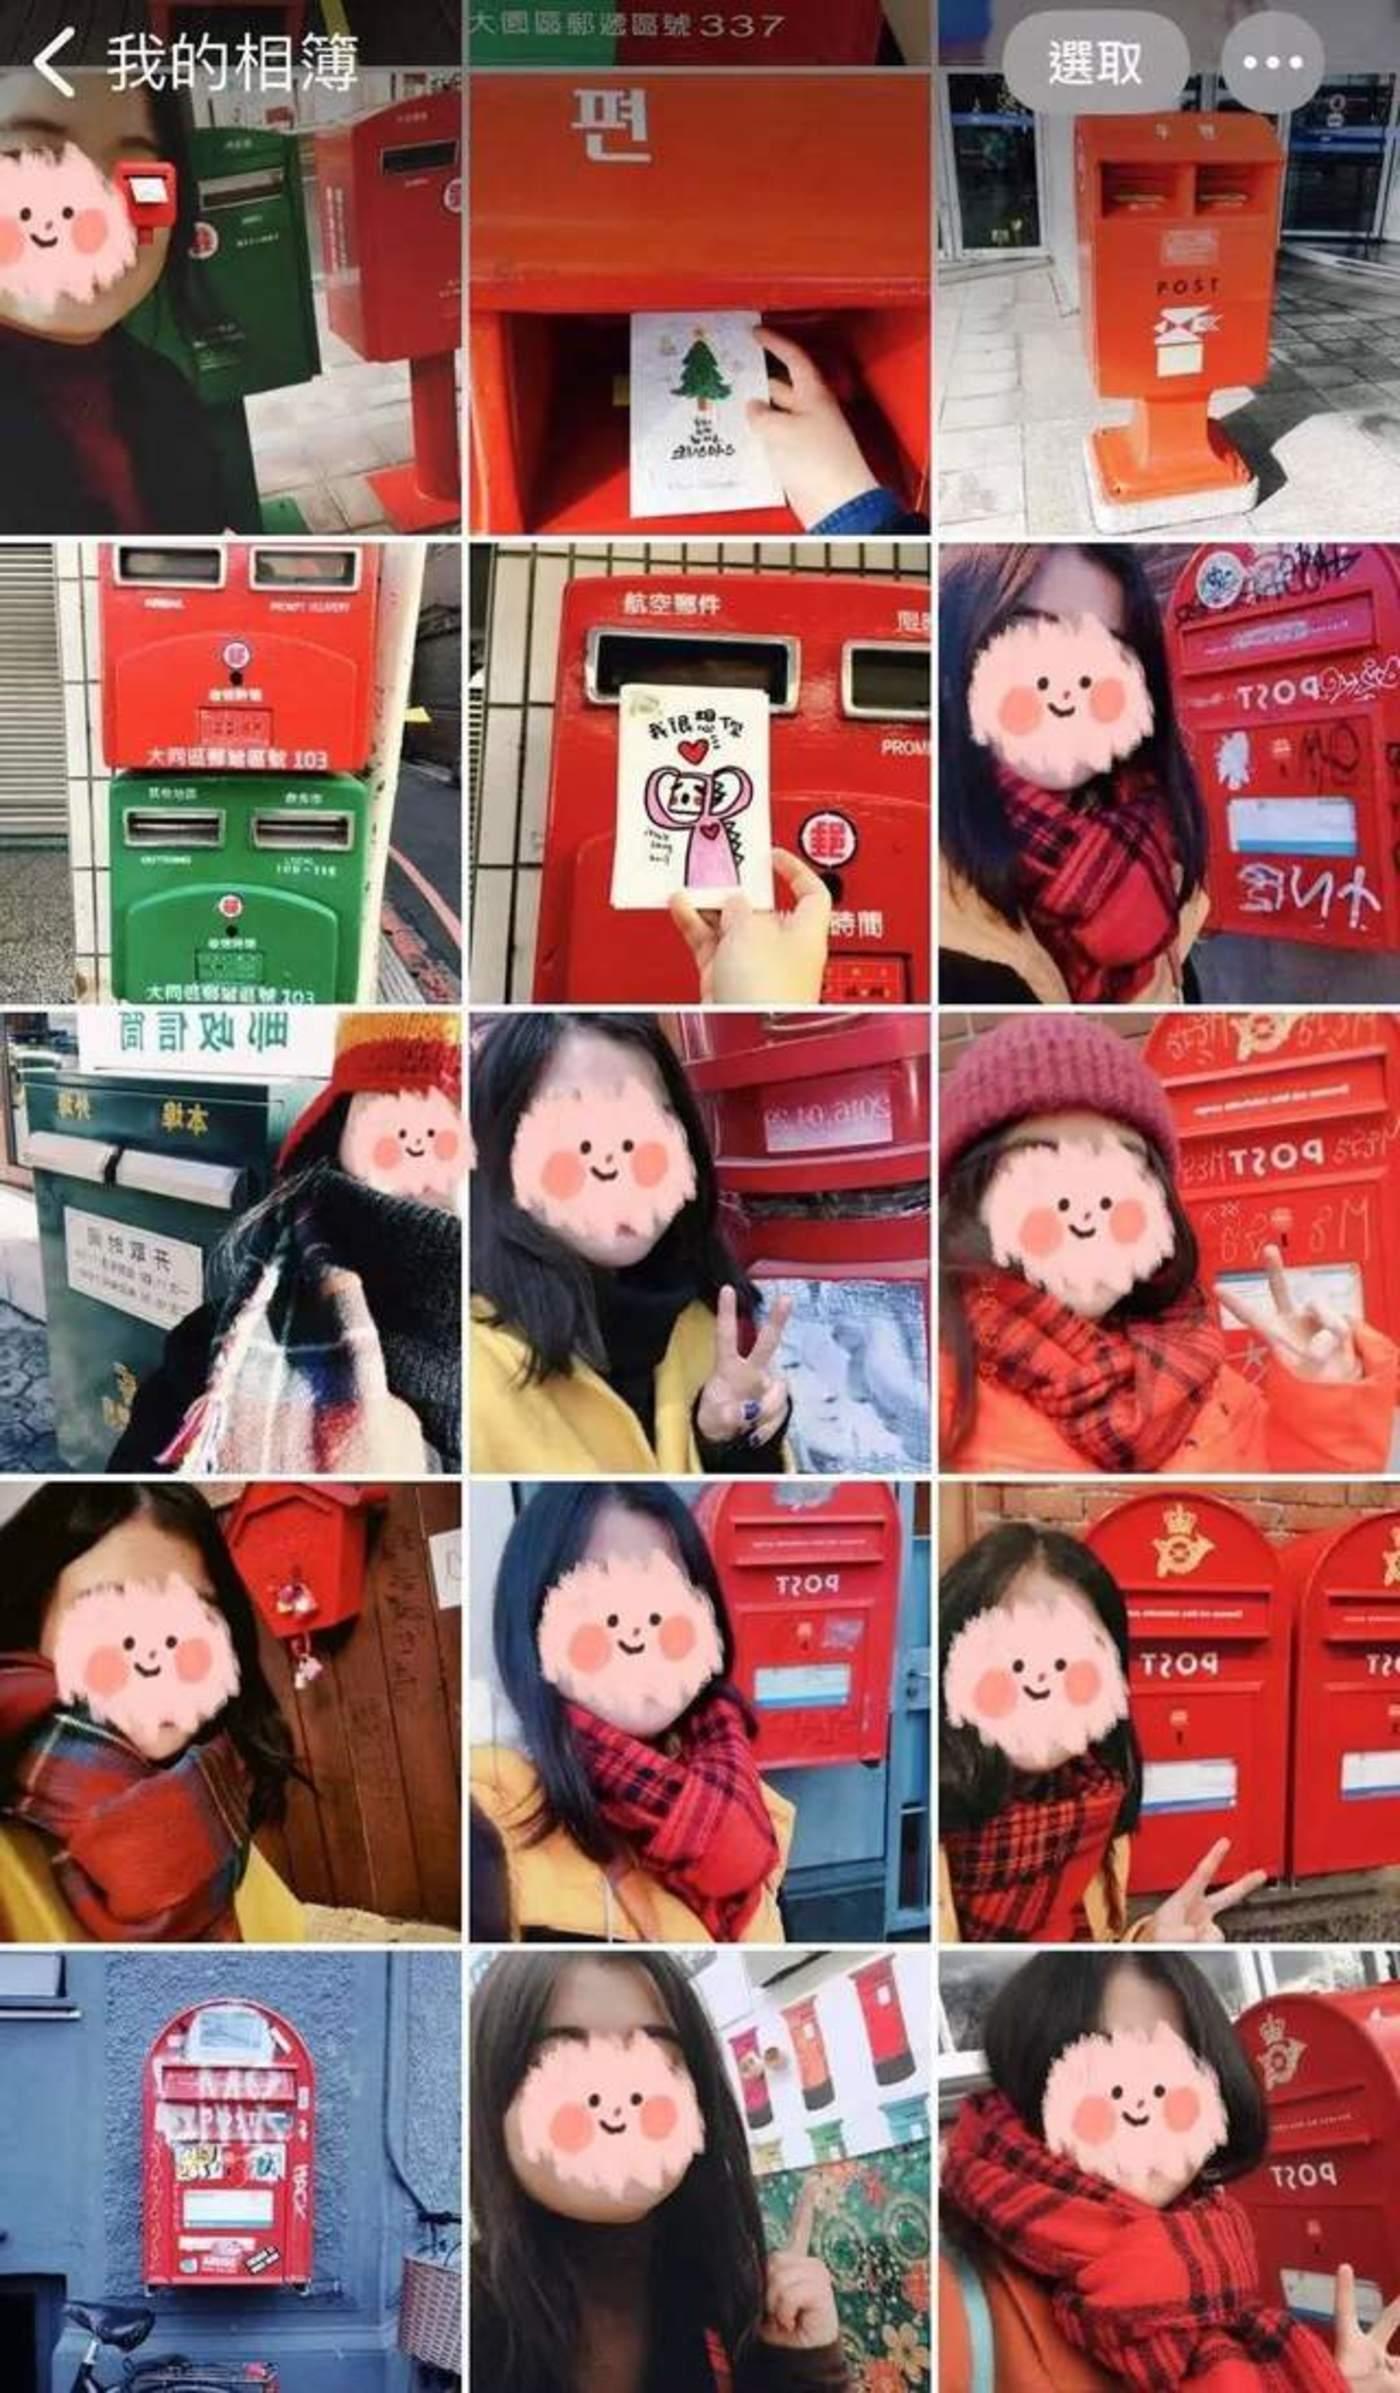 个人专属的邮箱相册 / 受访者供图